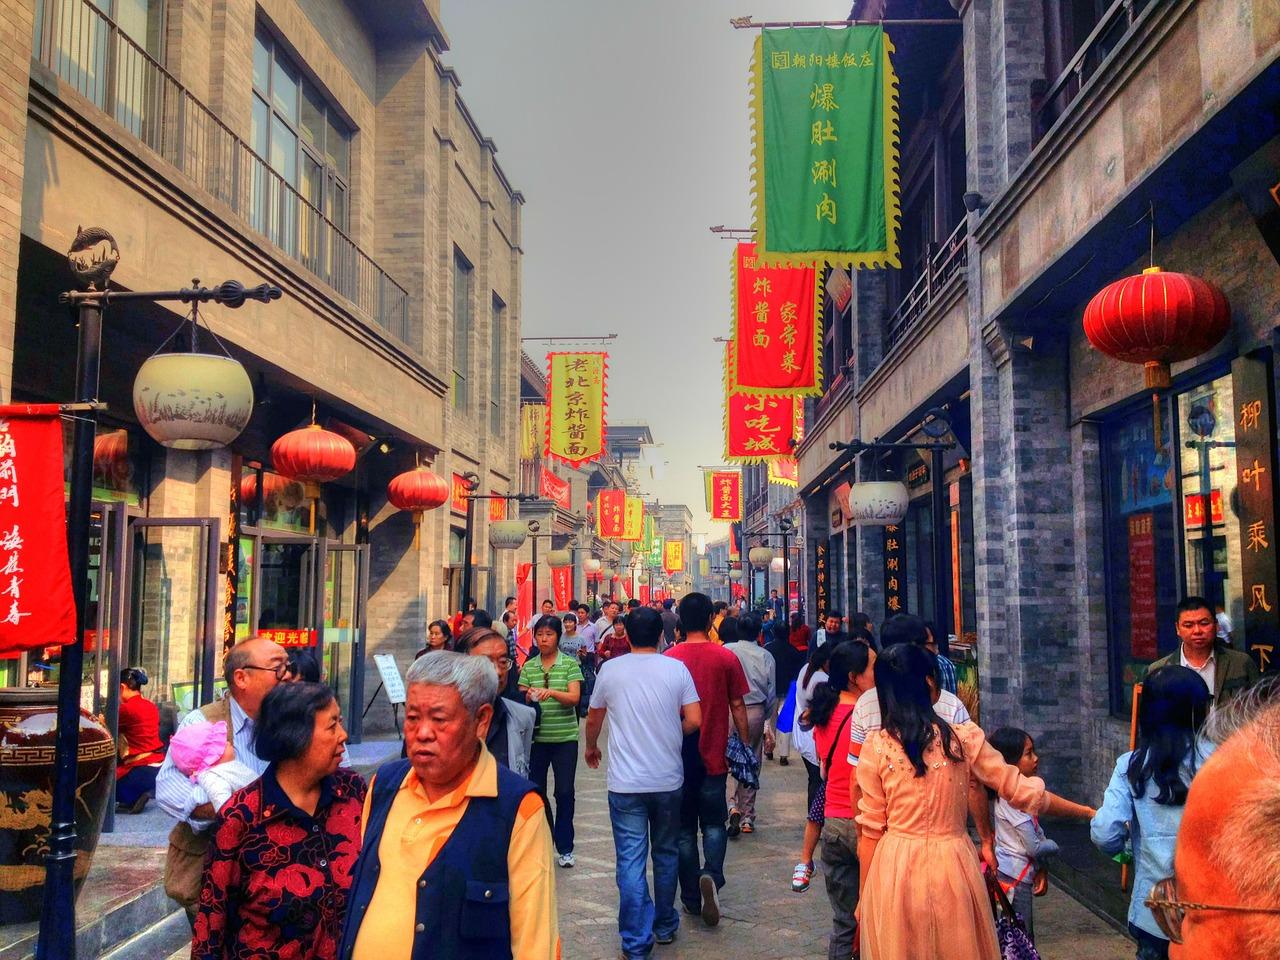 En Chine, la fête des célibataires est synonyme de frénésie de consommation